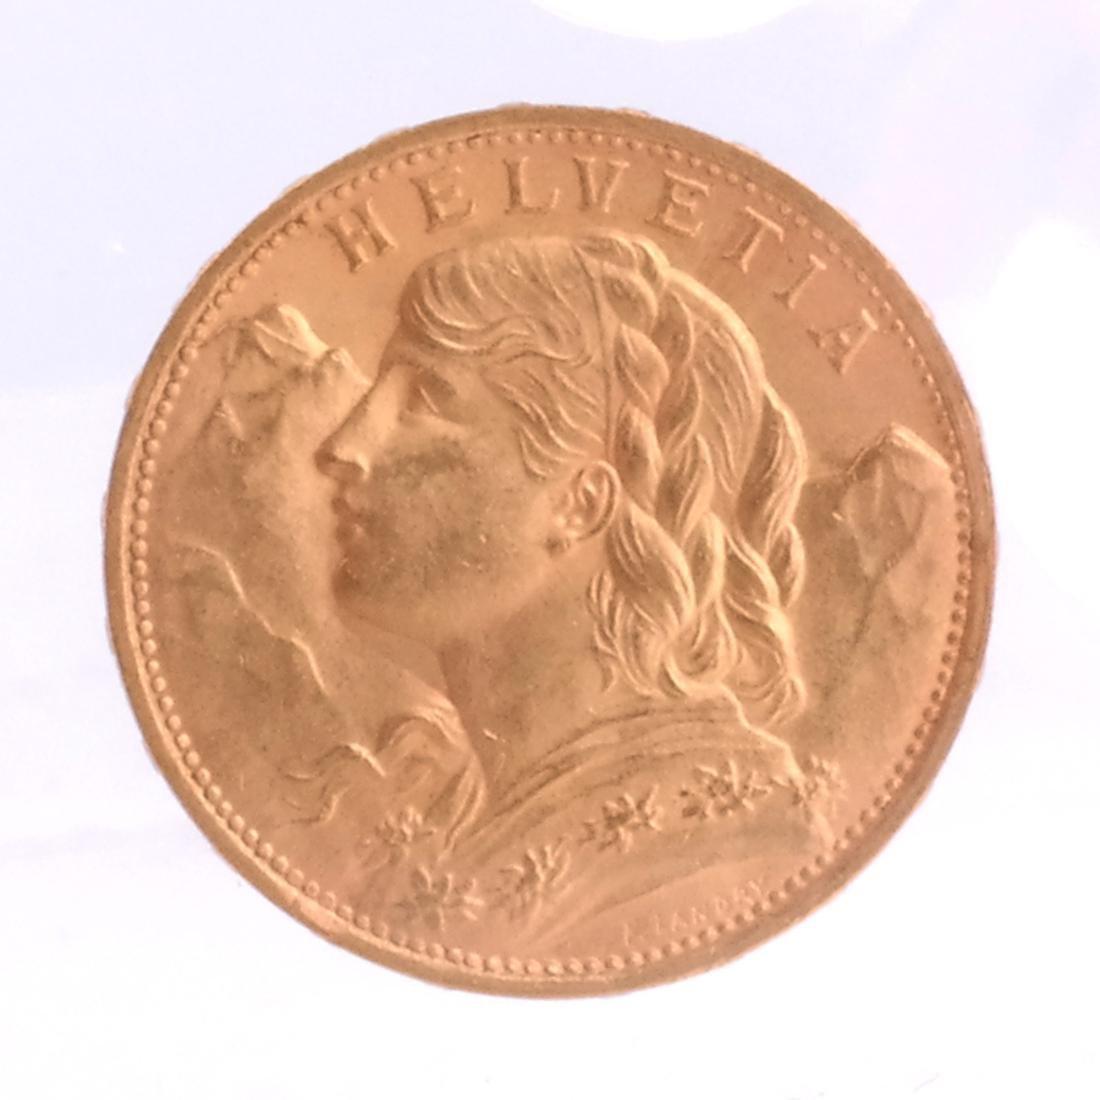 1922-B 20 Francs Swiss Gold